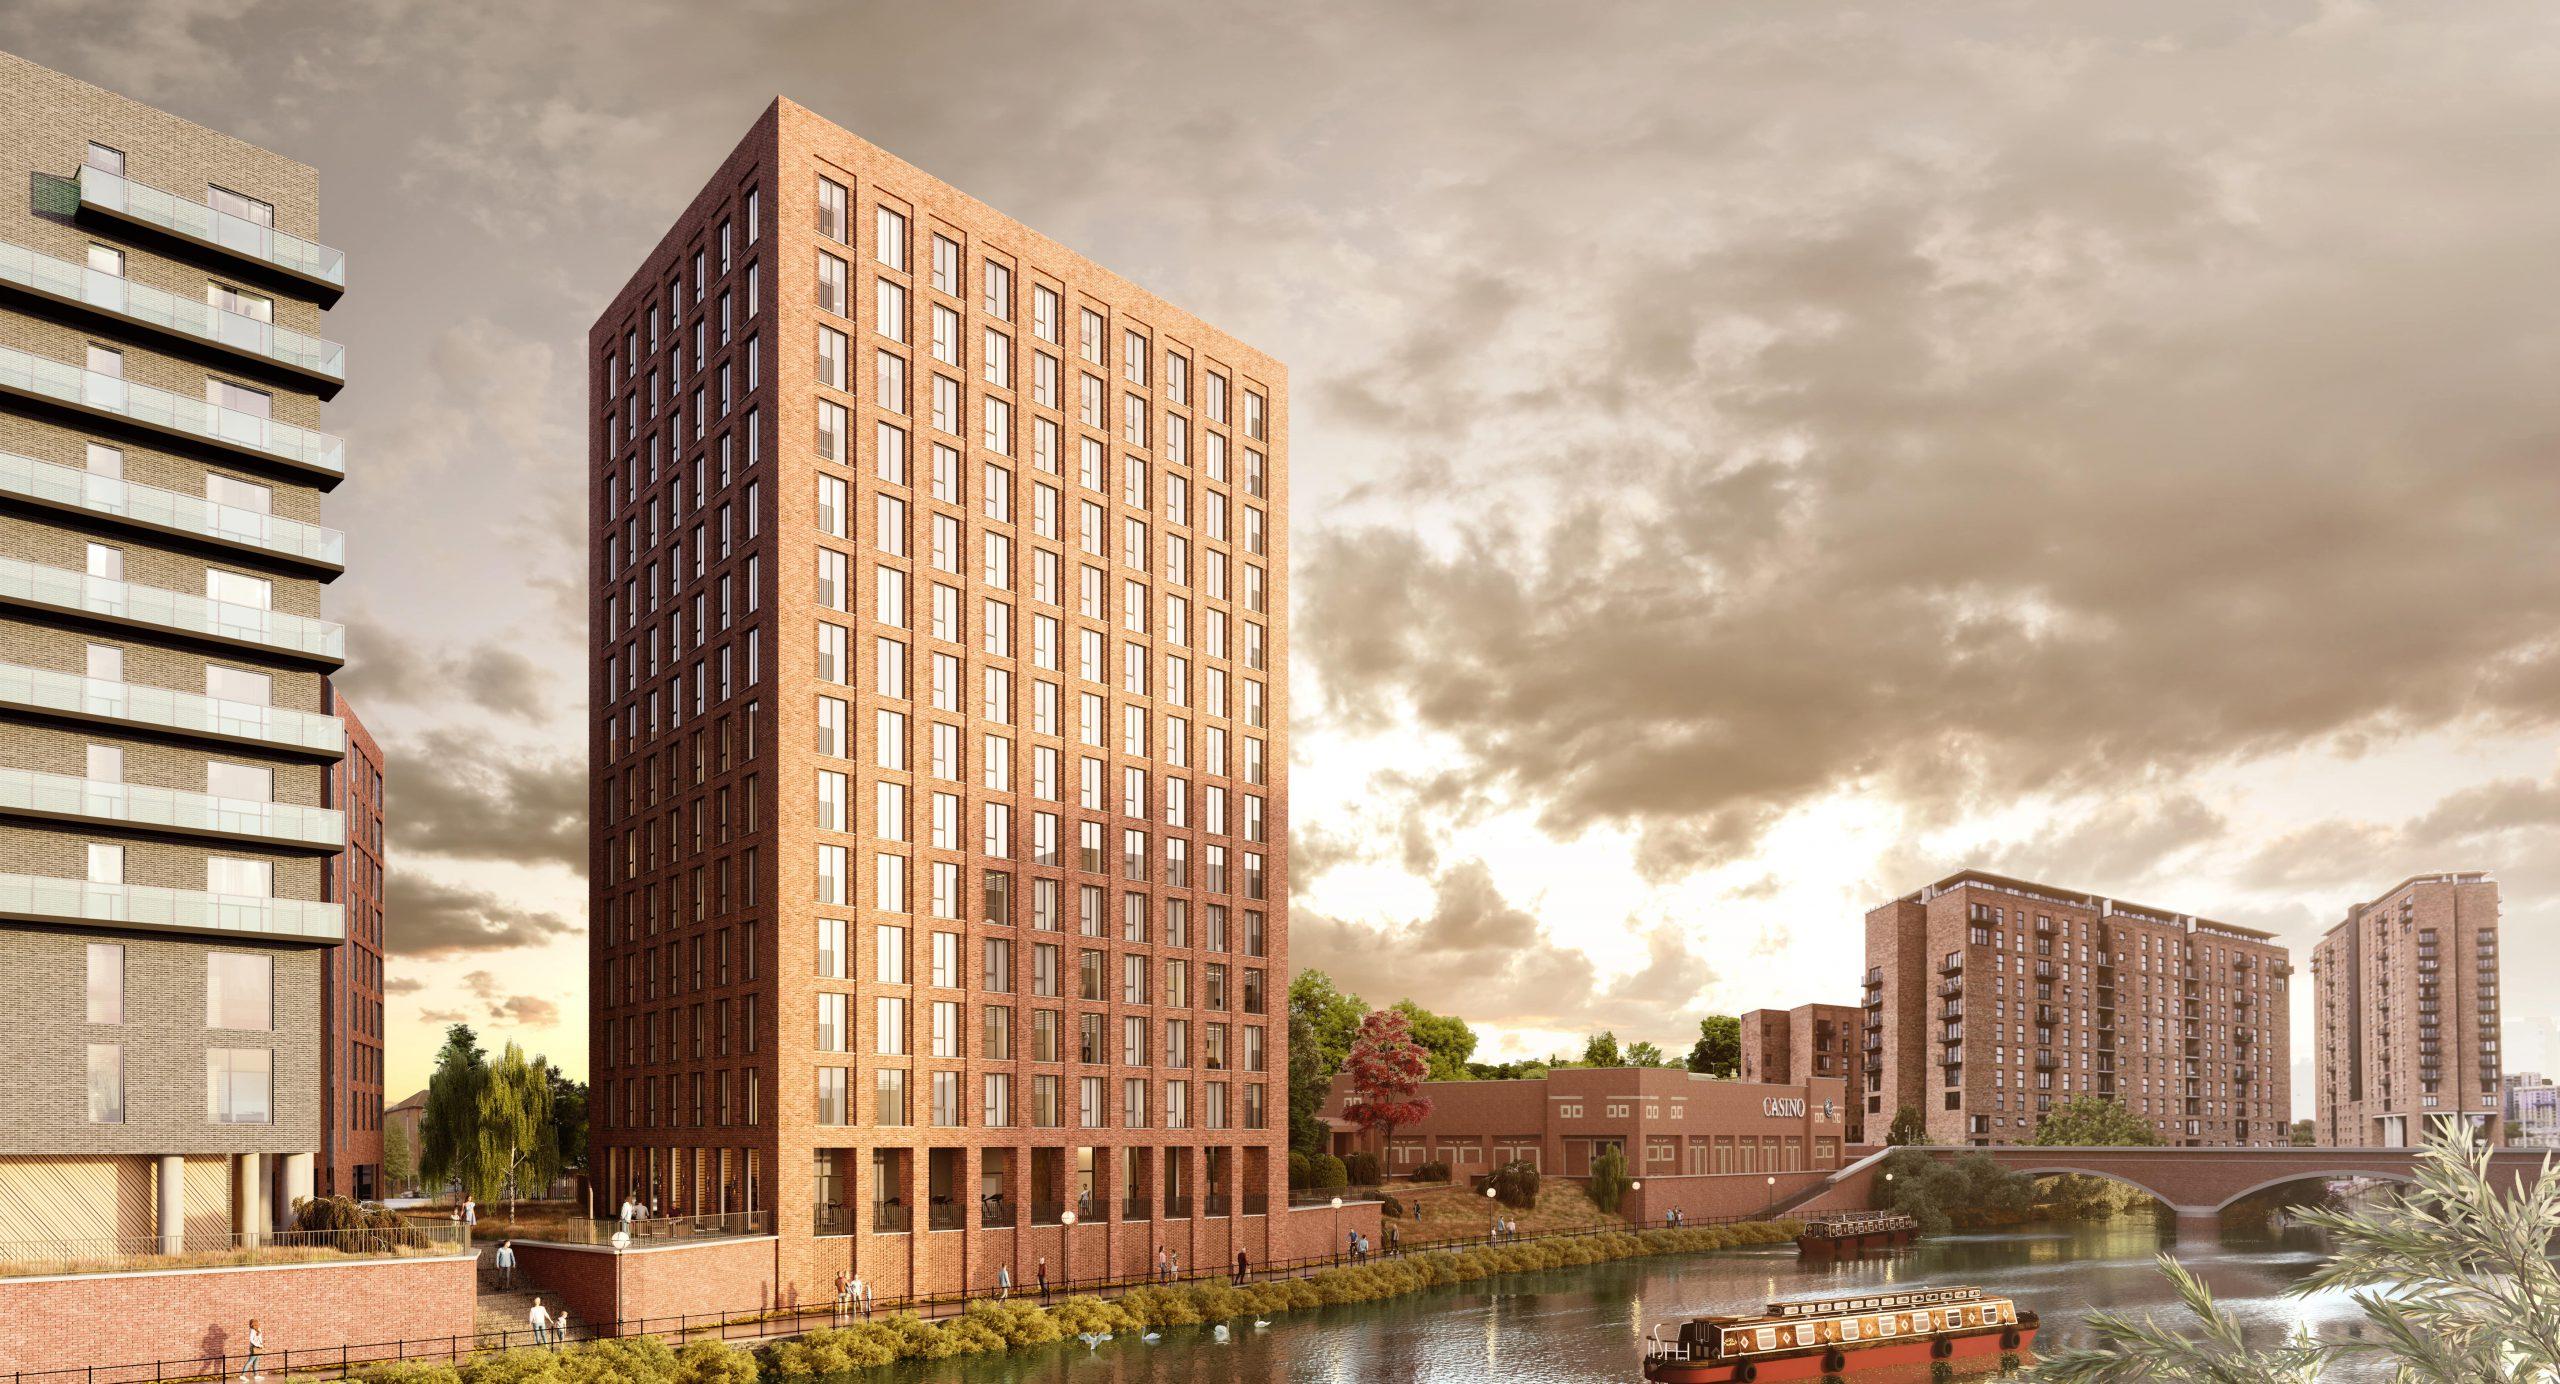 FORSHAW_DERWENT__Riveside_Plaza_Salford_manchester_architectural_visualisation_3